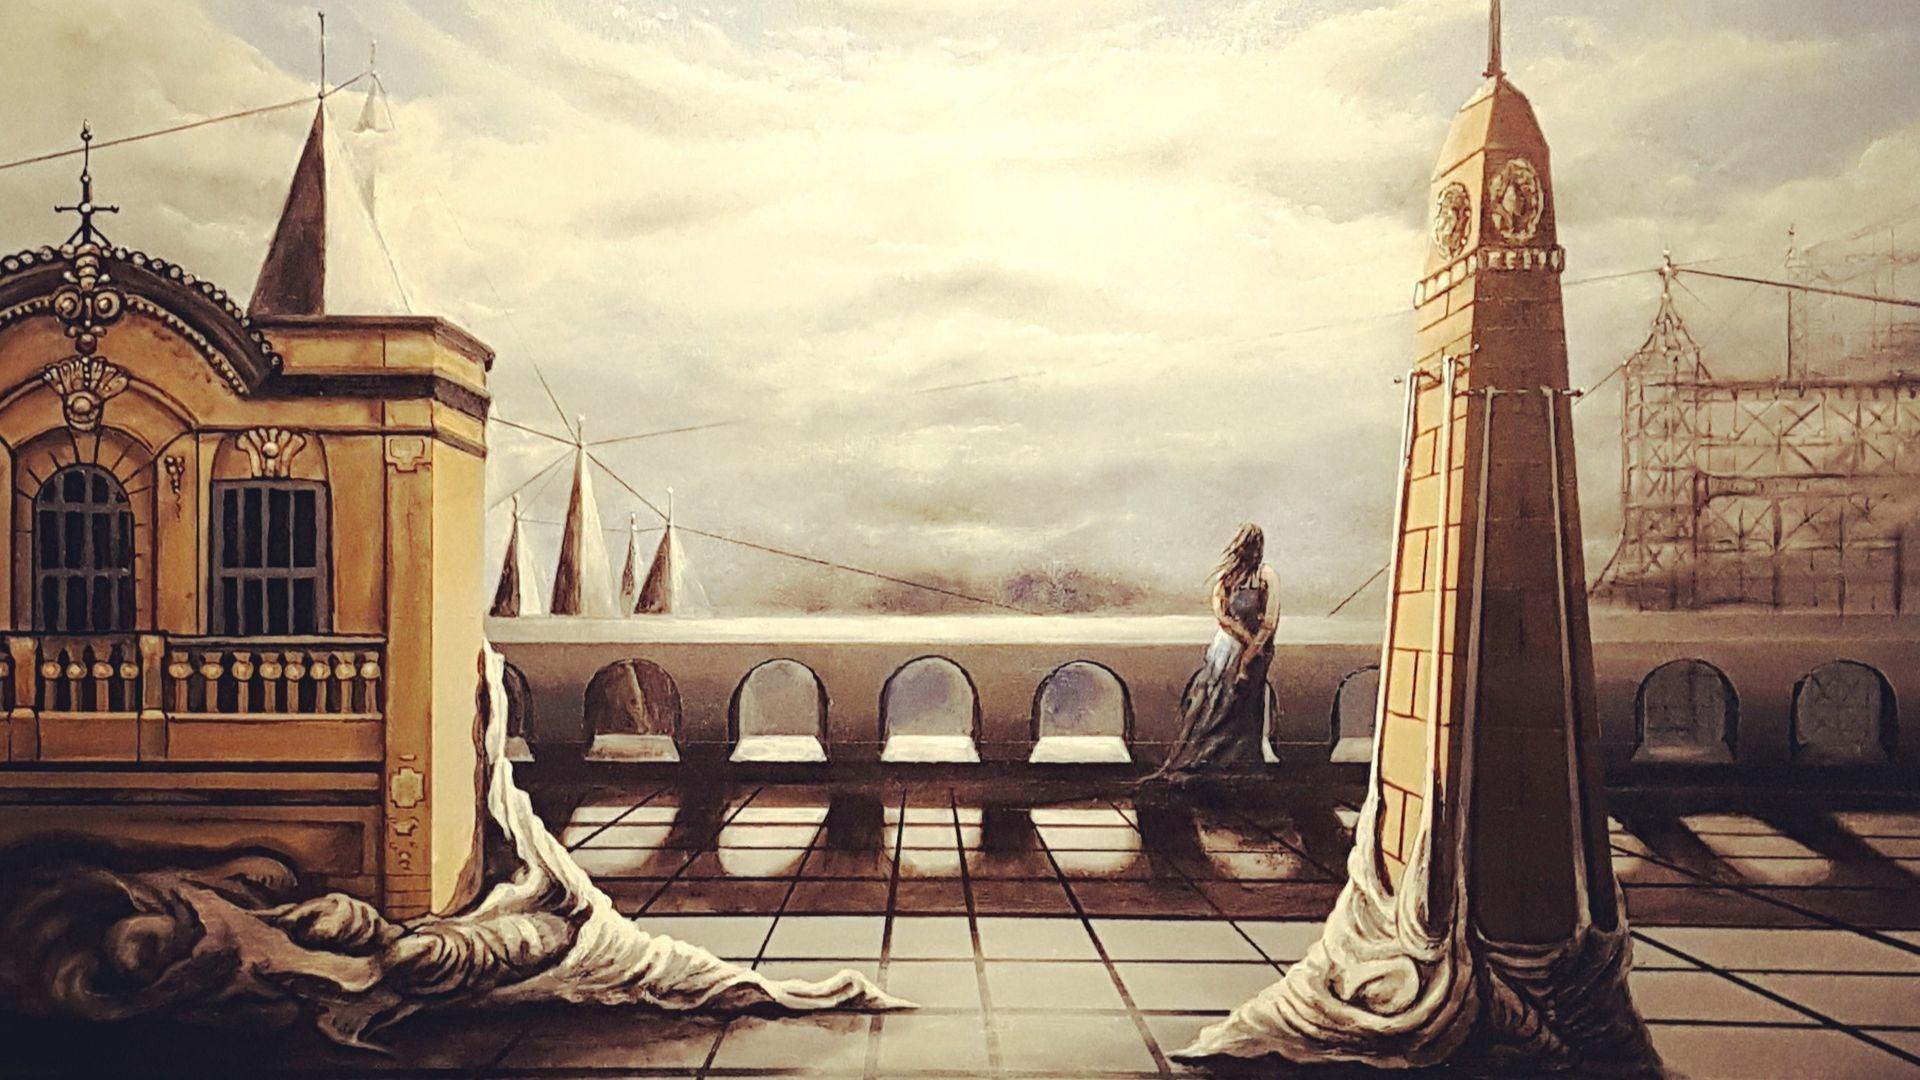 Les toiles surréalistes de Thomas Bossert